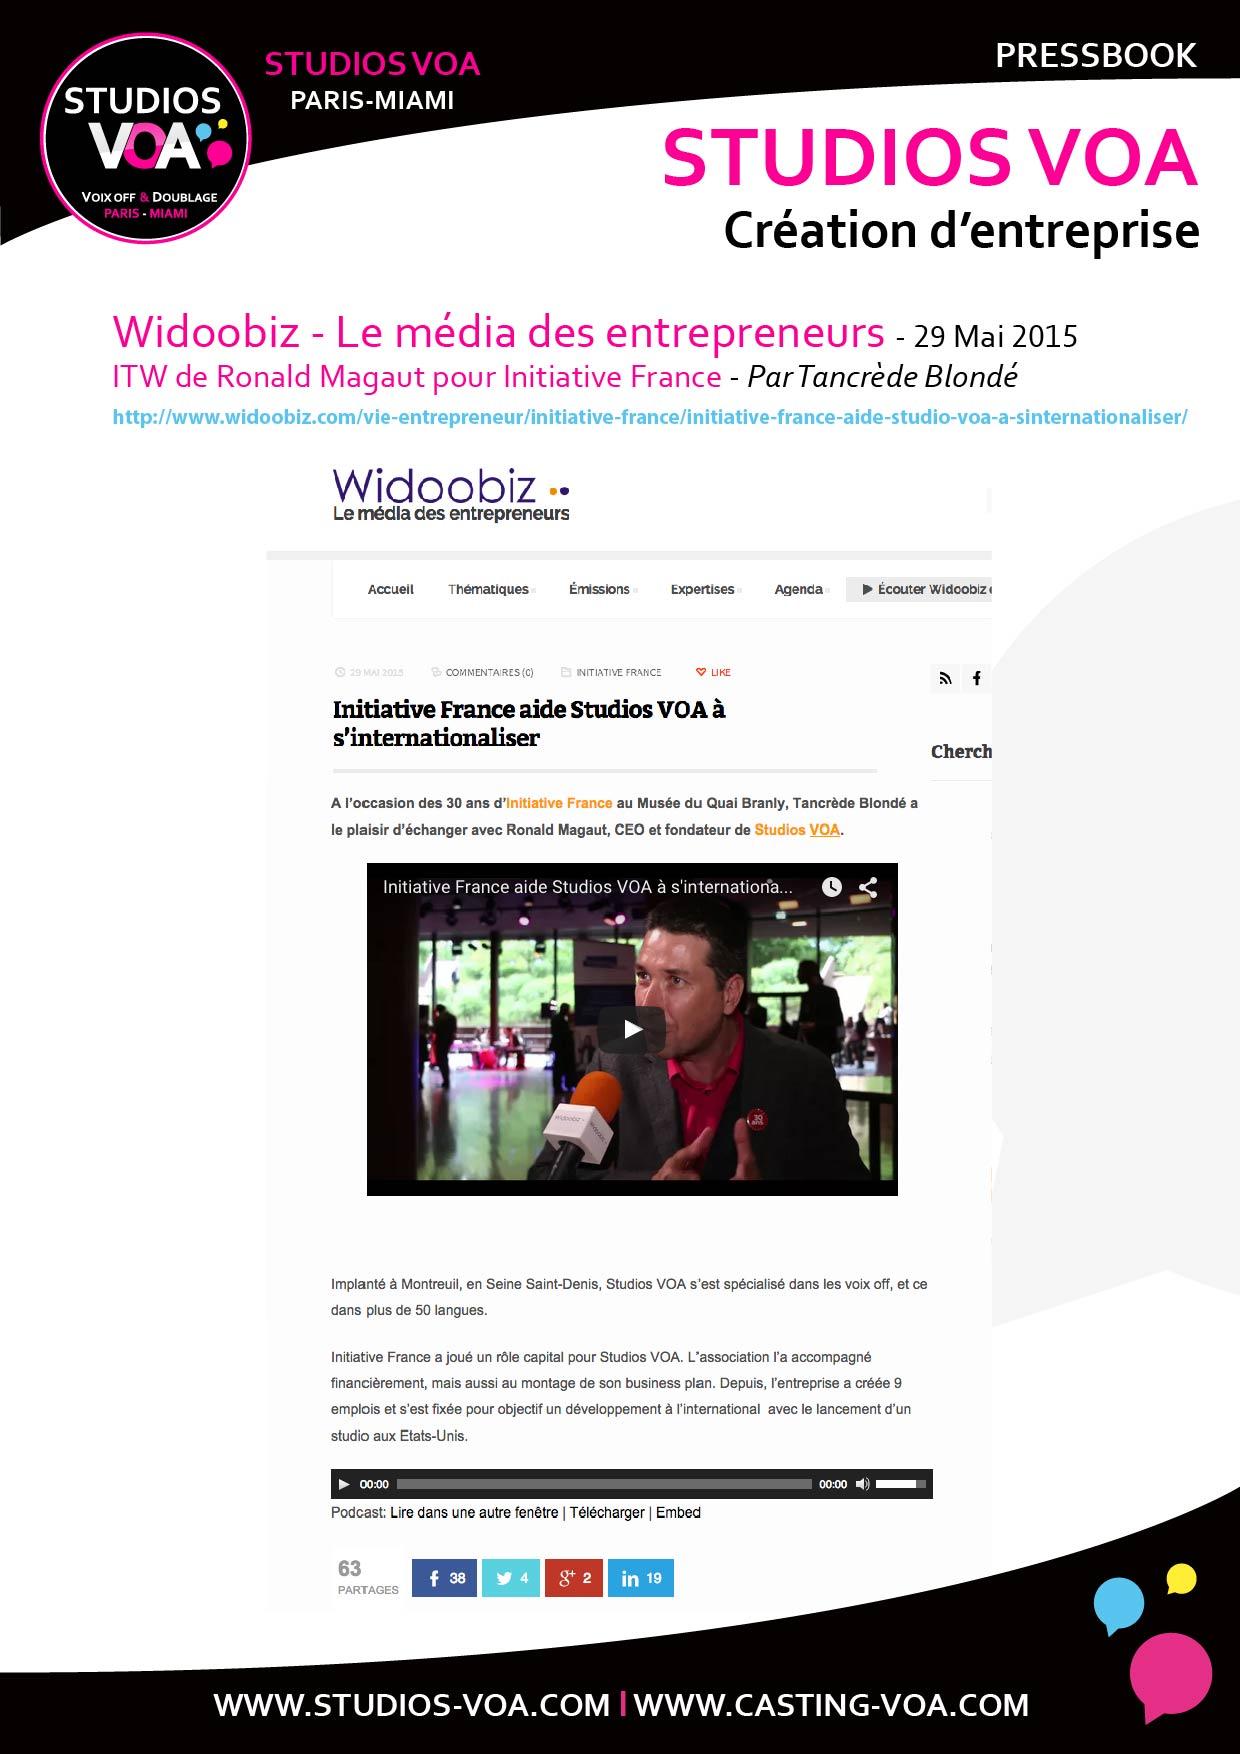 Pressbook-VOA_160122_Plan-de-travail-15